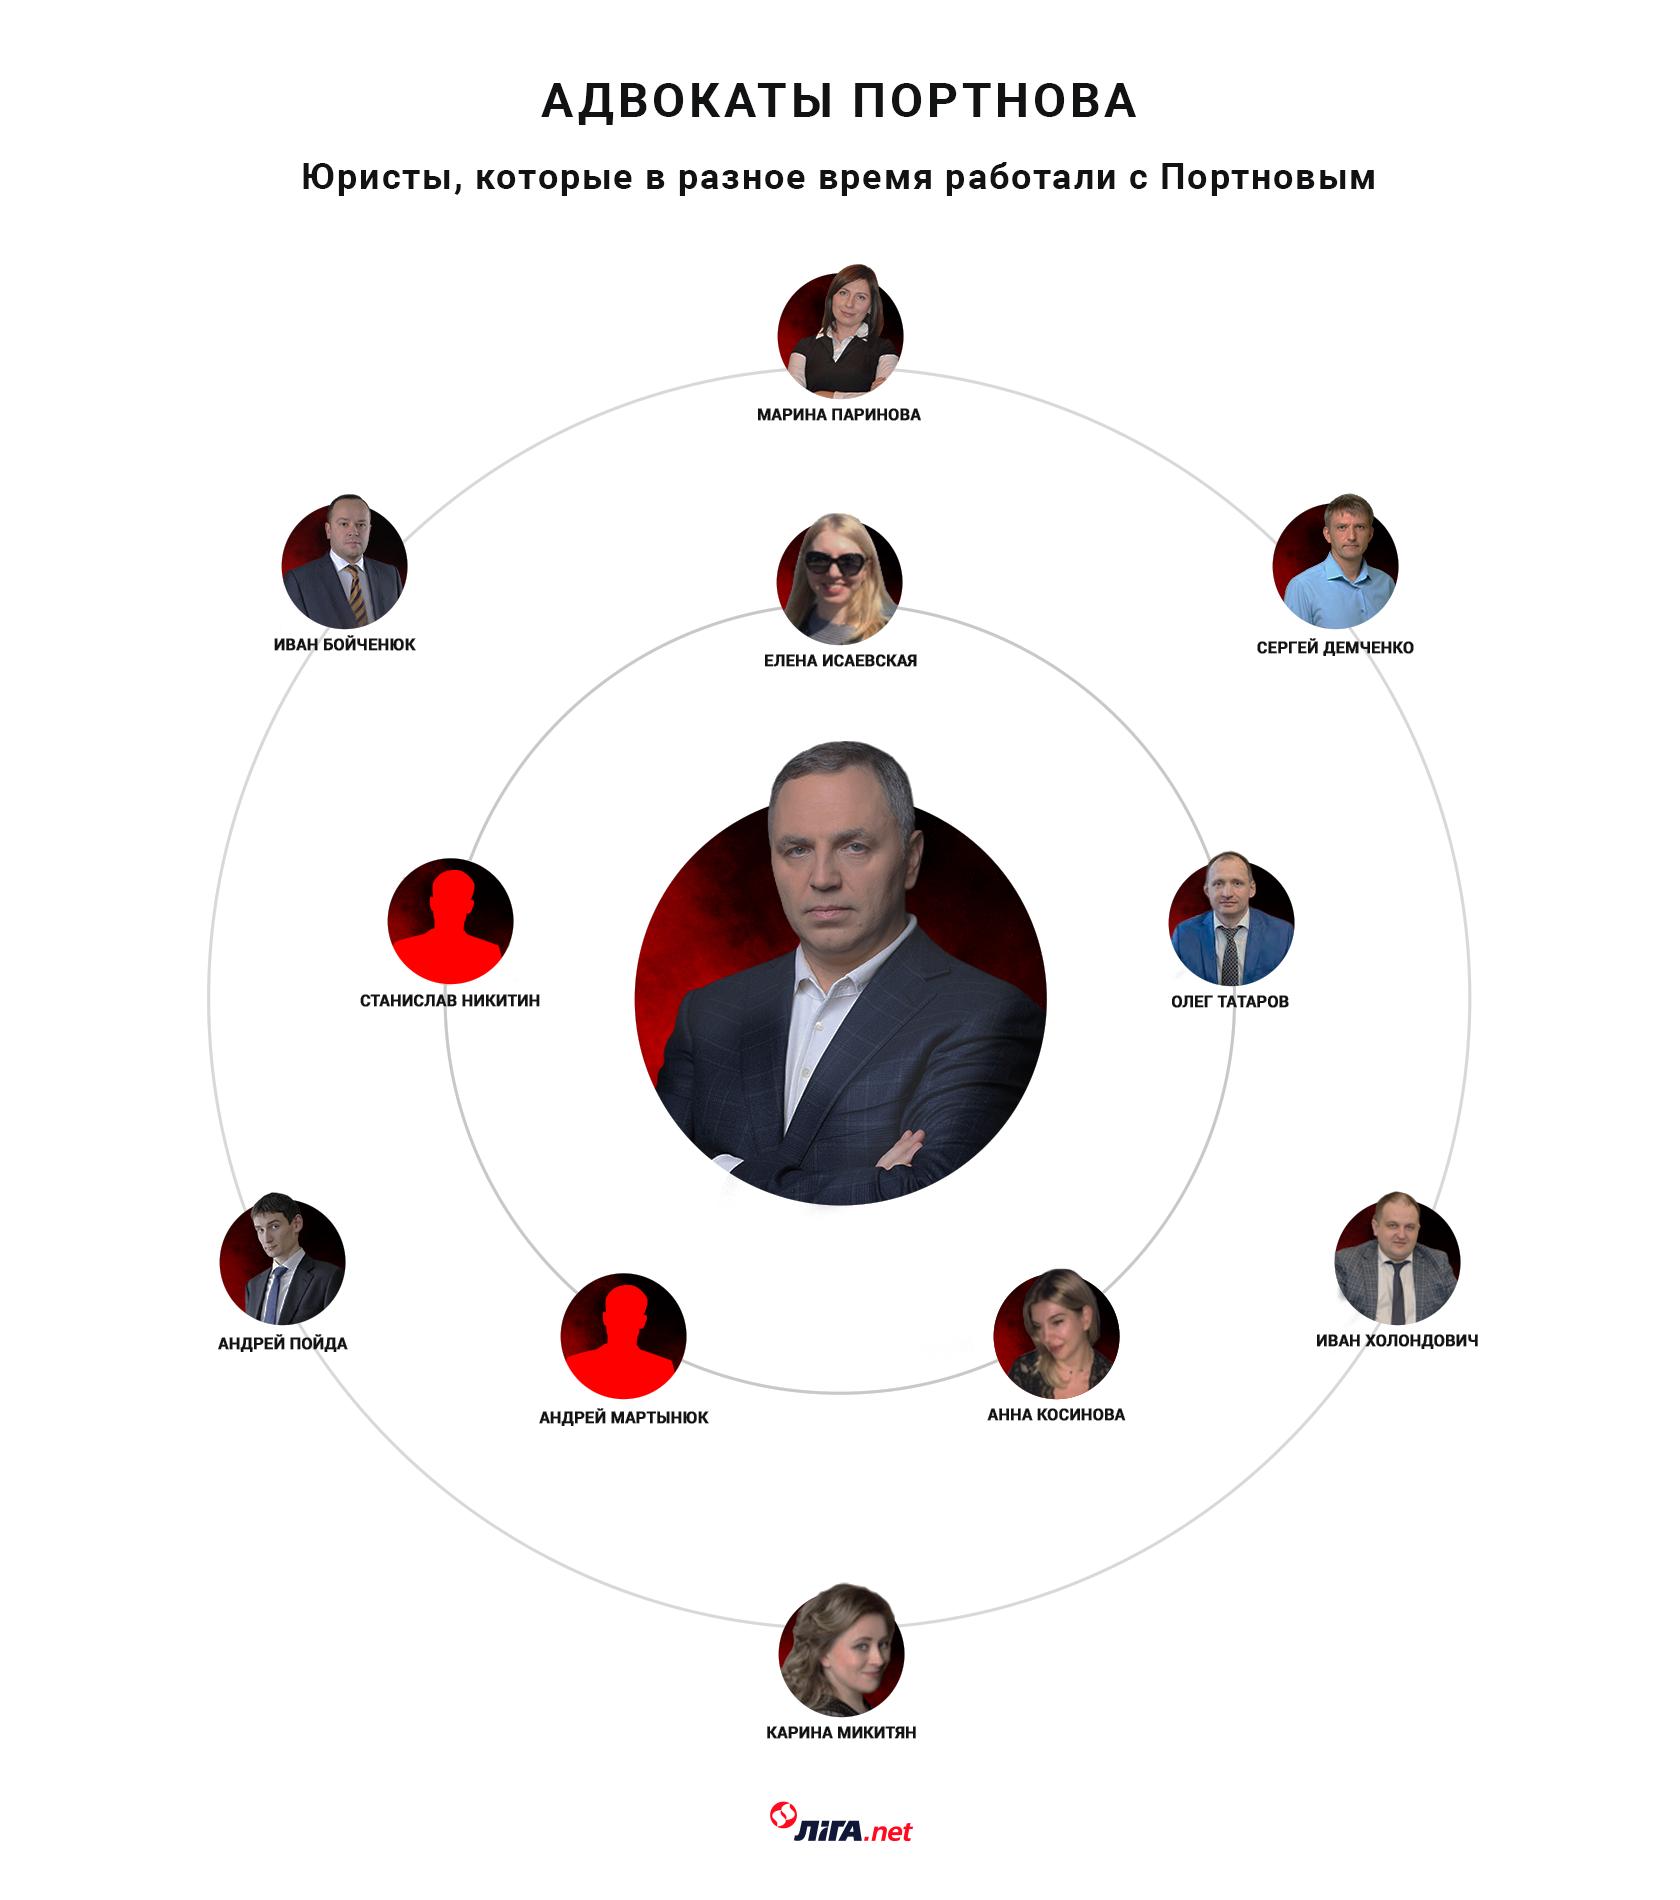 Адвокаты Портнова (коллаж – Алина Подлесная/LIGA.net)